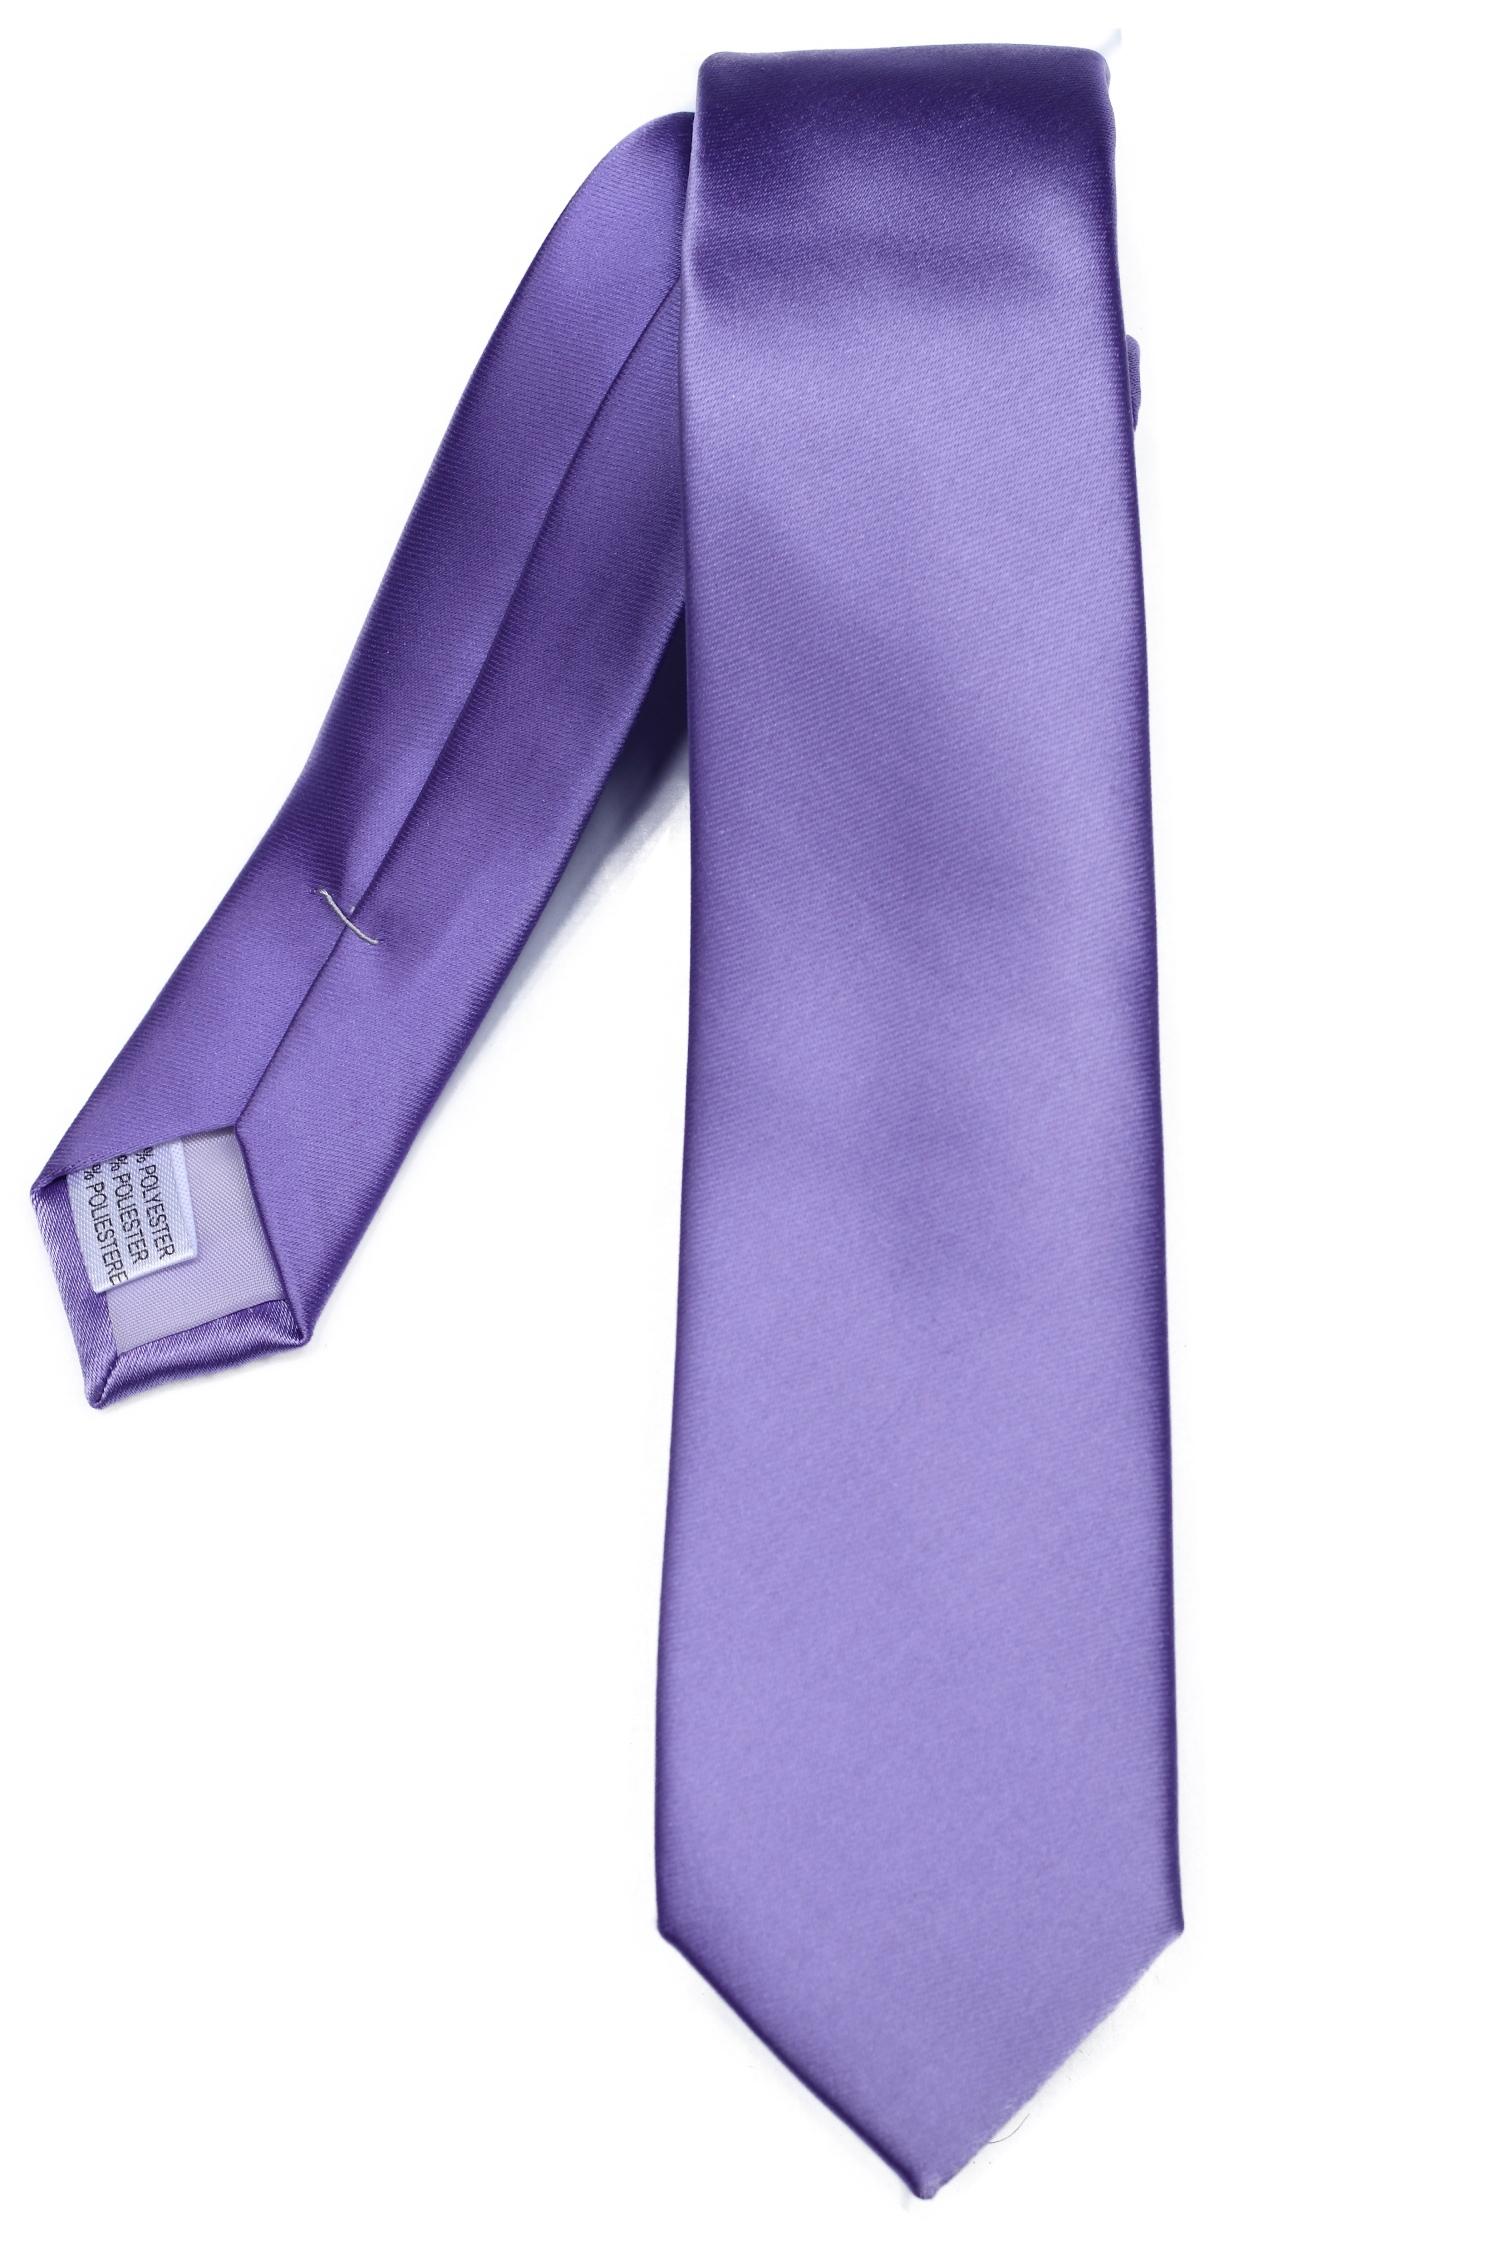 http://www.leadermode.com/170416/virtuose-slim-violet.jpg